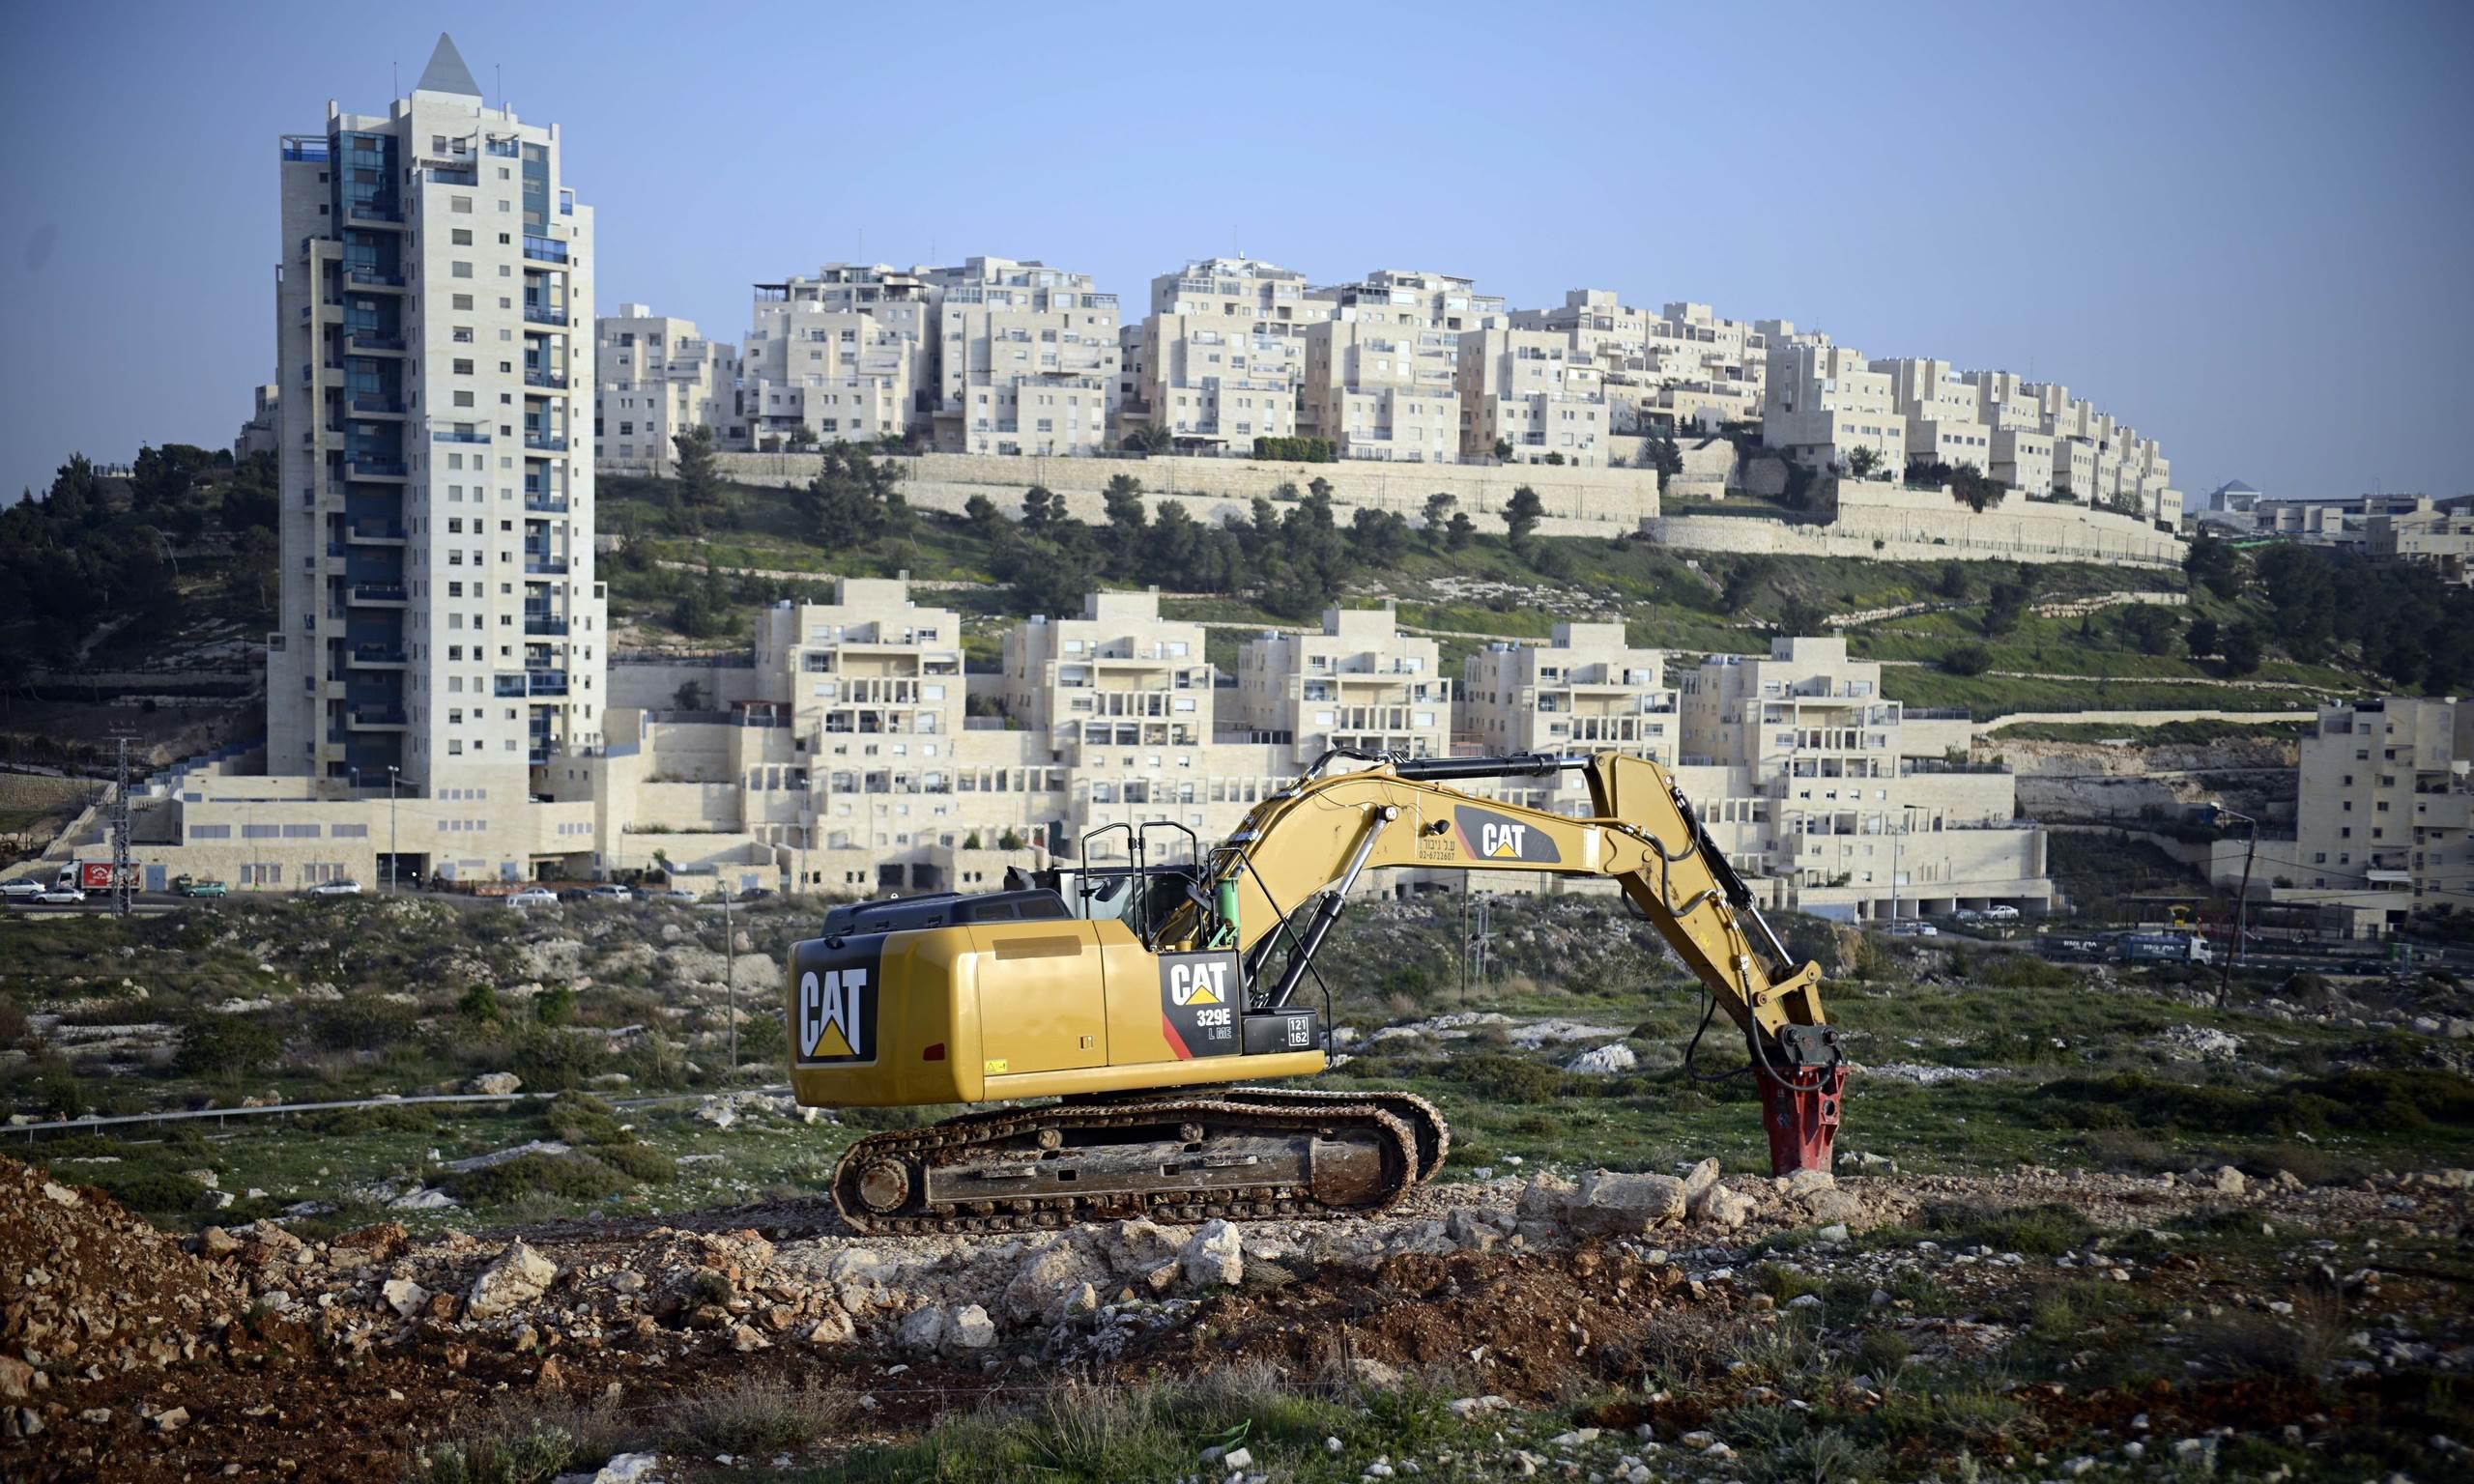 أمريكا تعارض بشدة خطة الاستيطان الإسرائيلية الجديدة